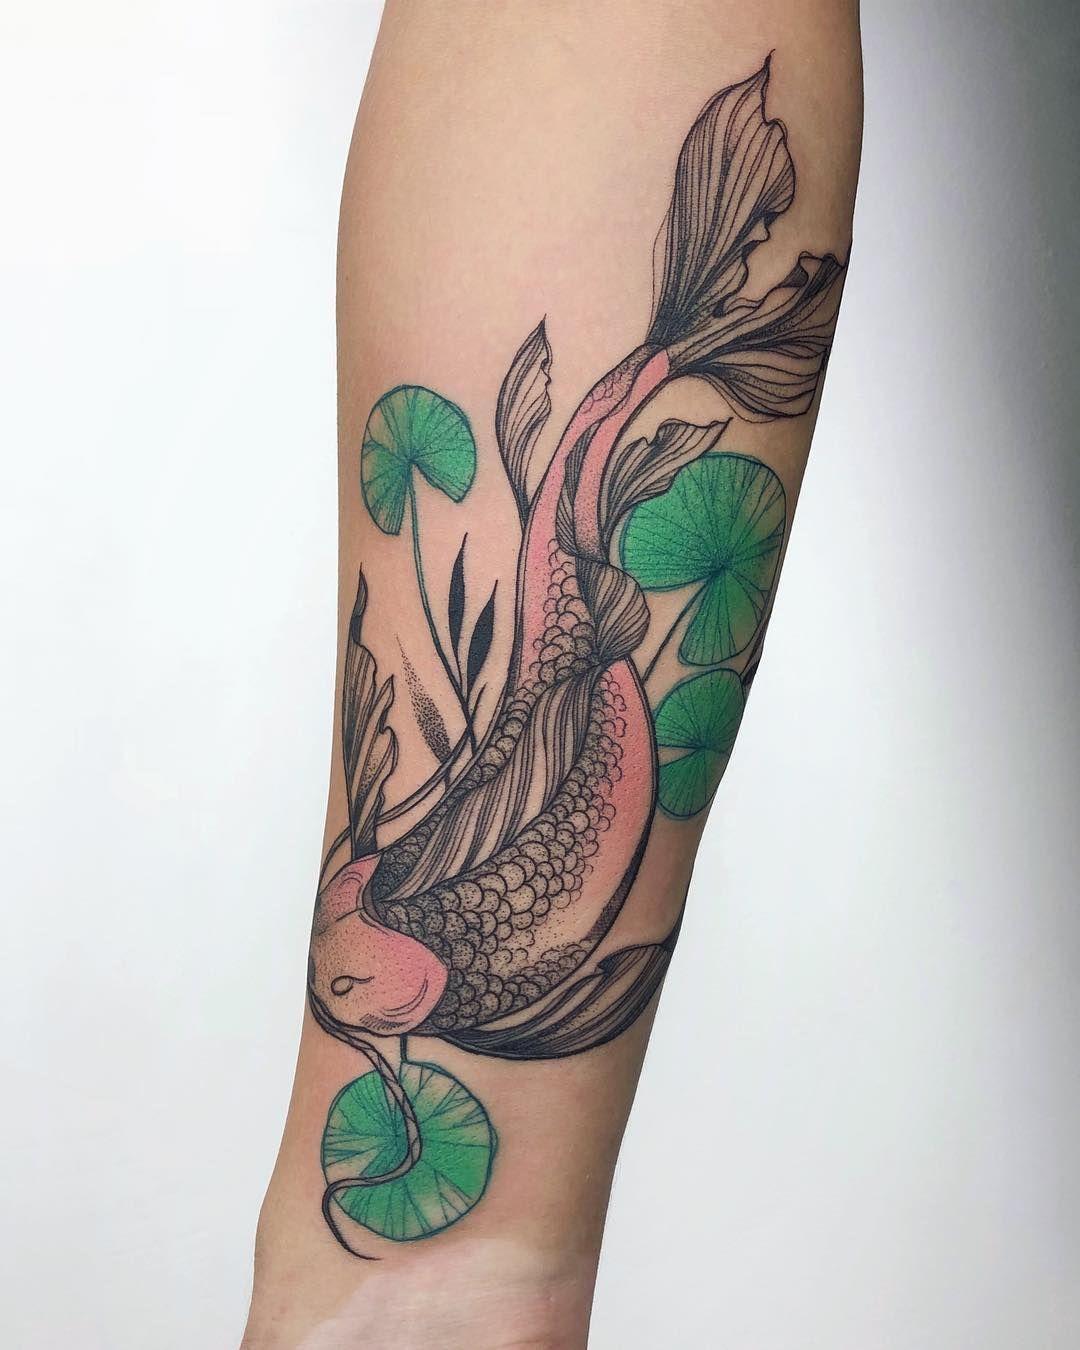 Tatuagem de carpa 75 ideias femininas com significados